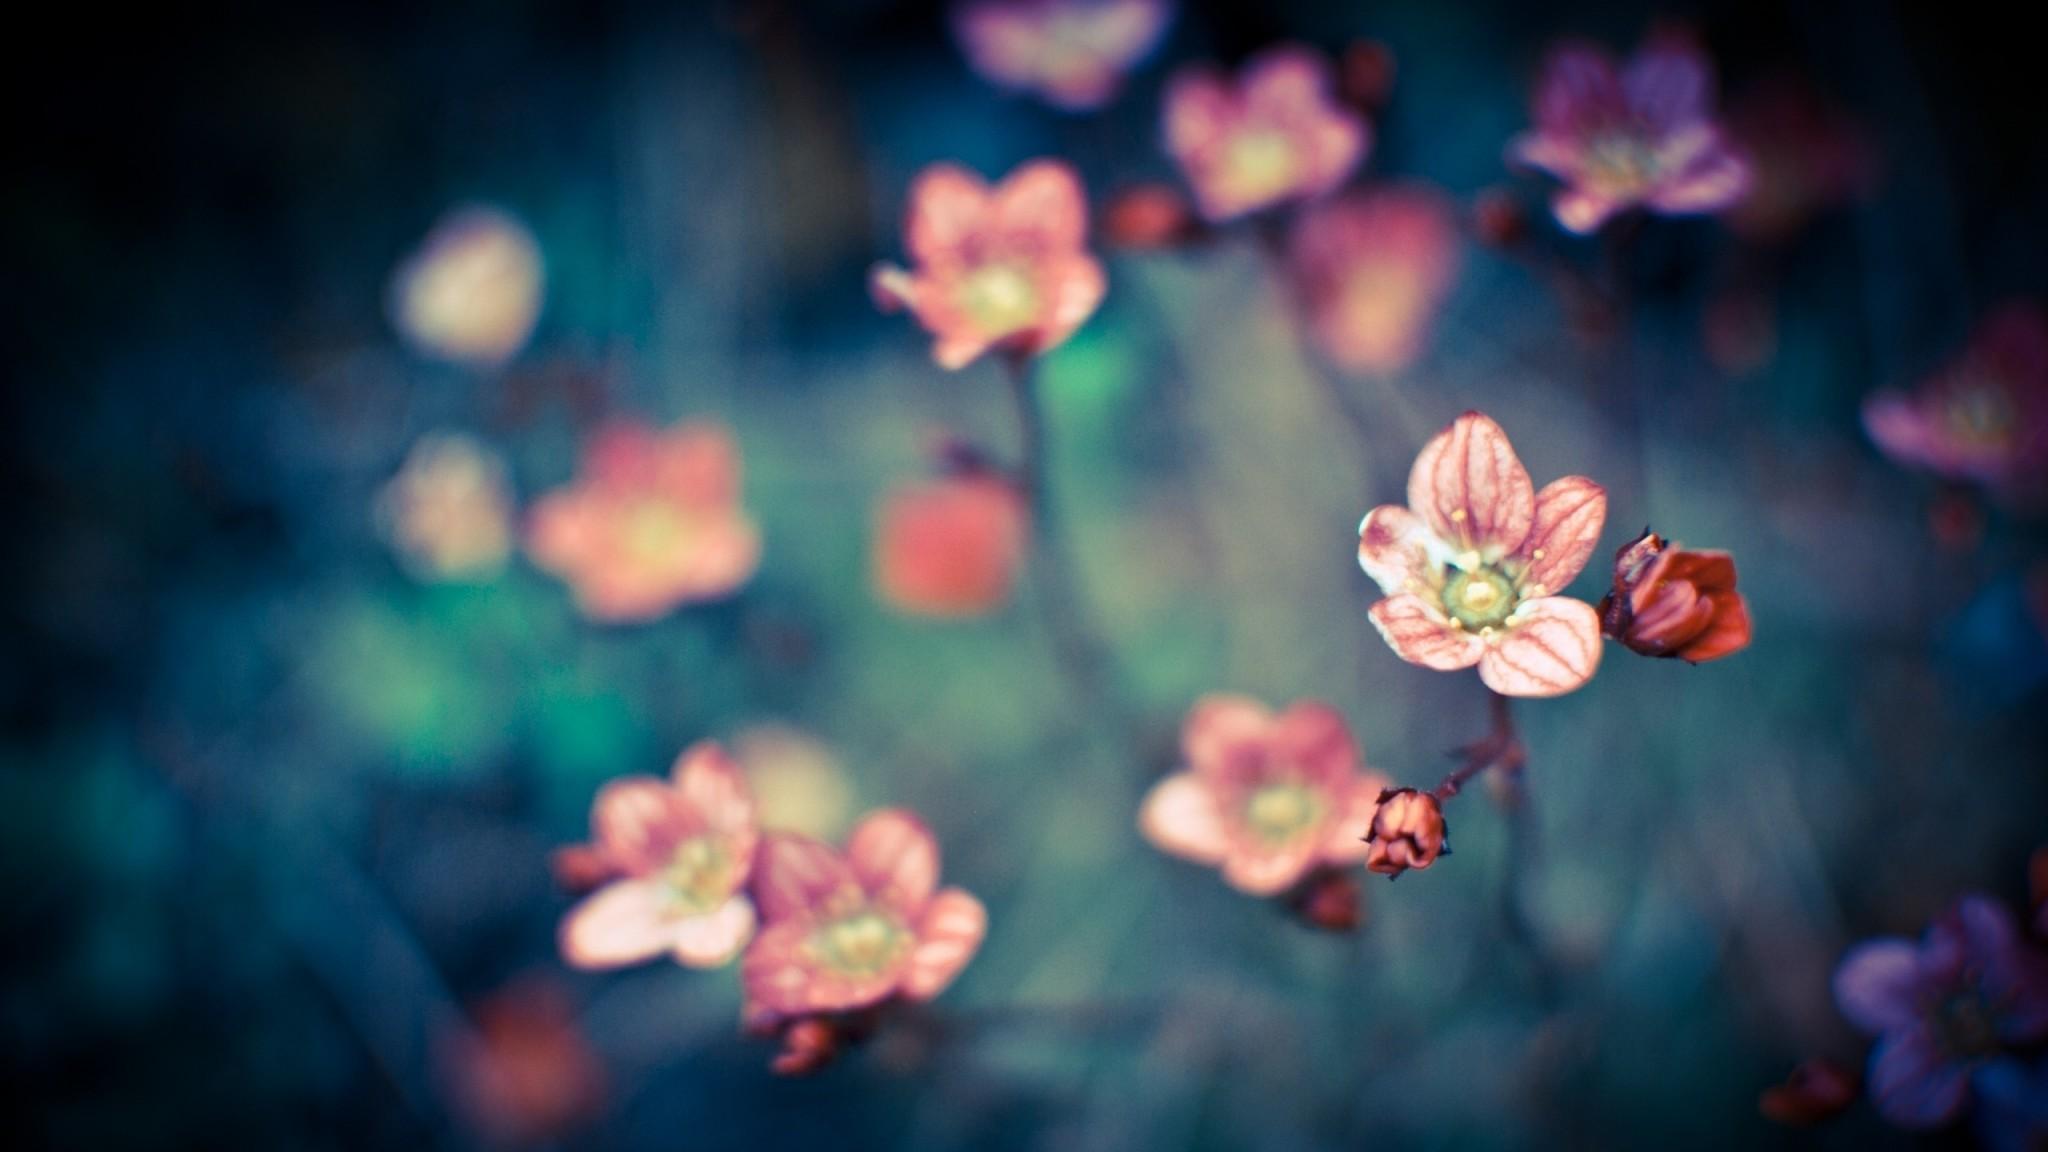 Wallpaper color, background, blur, small, dark